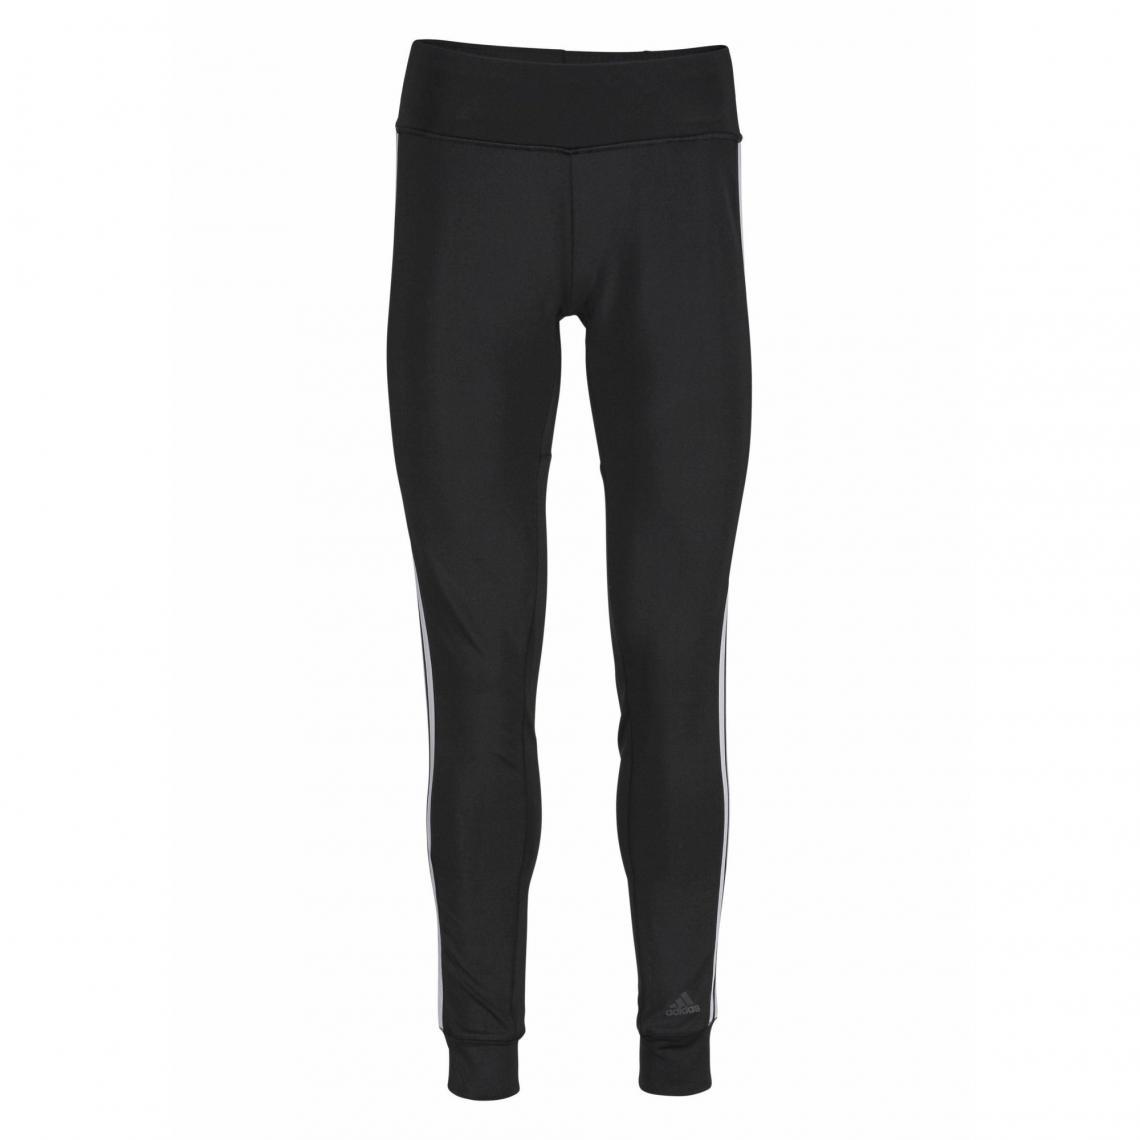 93078e9c0a58 Pantalon de survêtement femme Climalite® D2M 3-Stripes adidas Performance -  Noir Adidas Performance